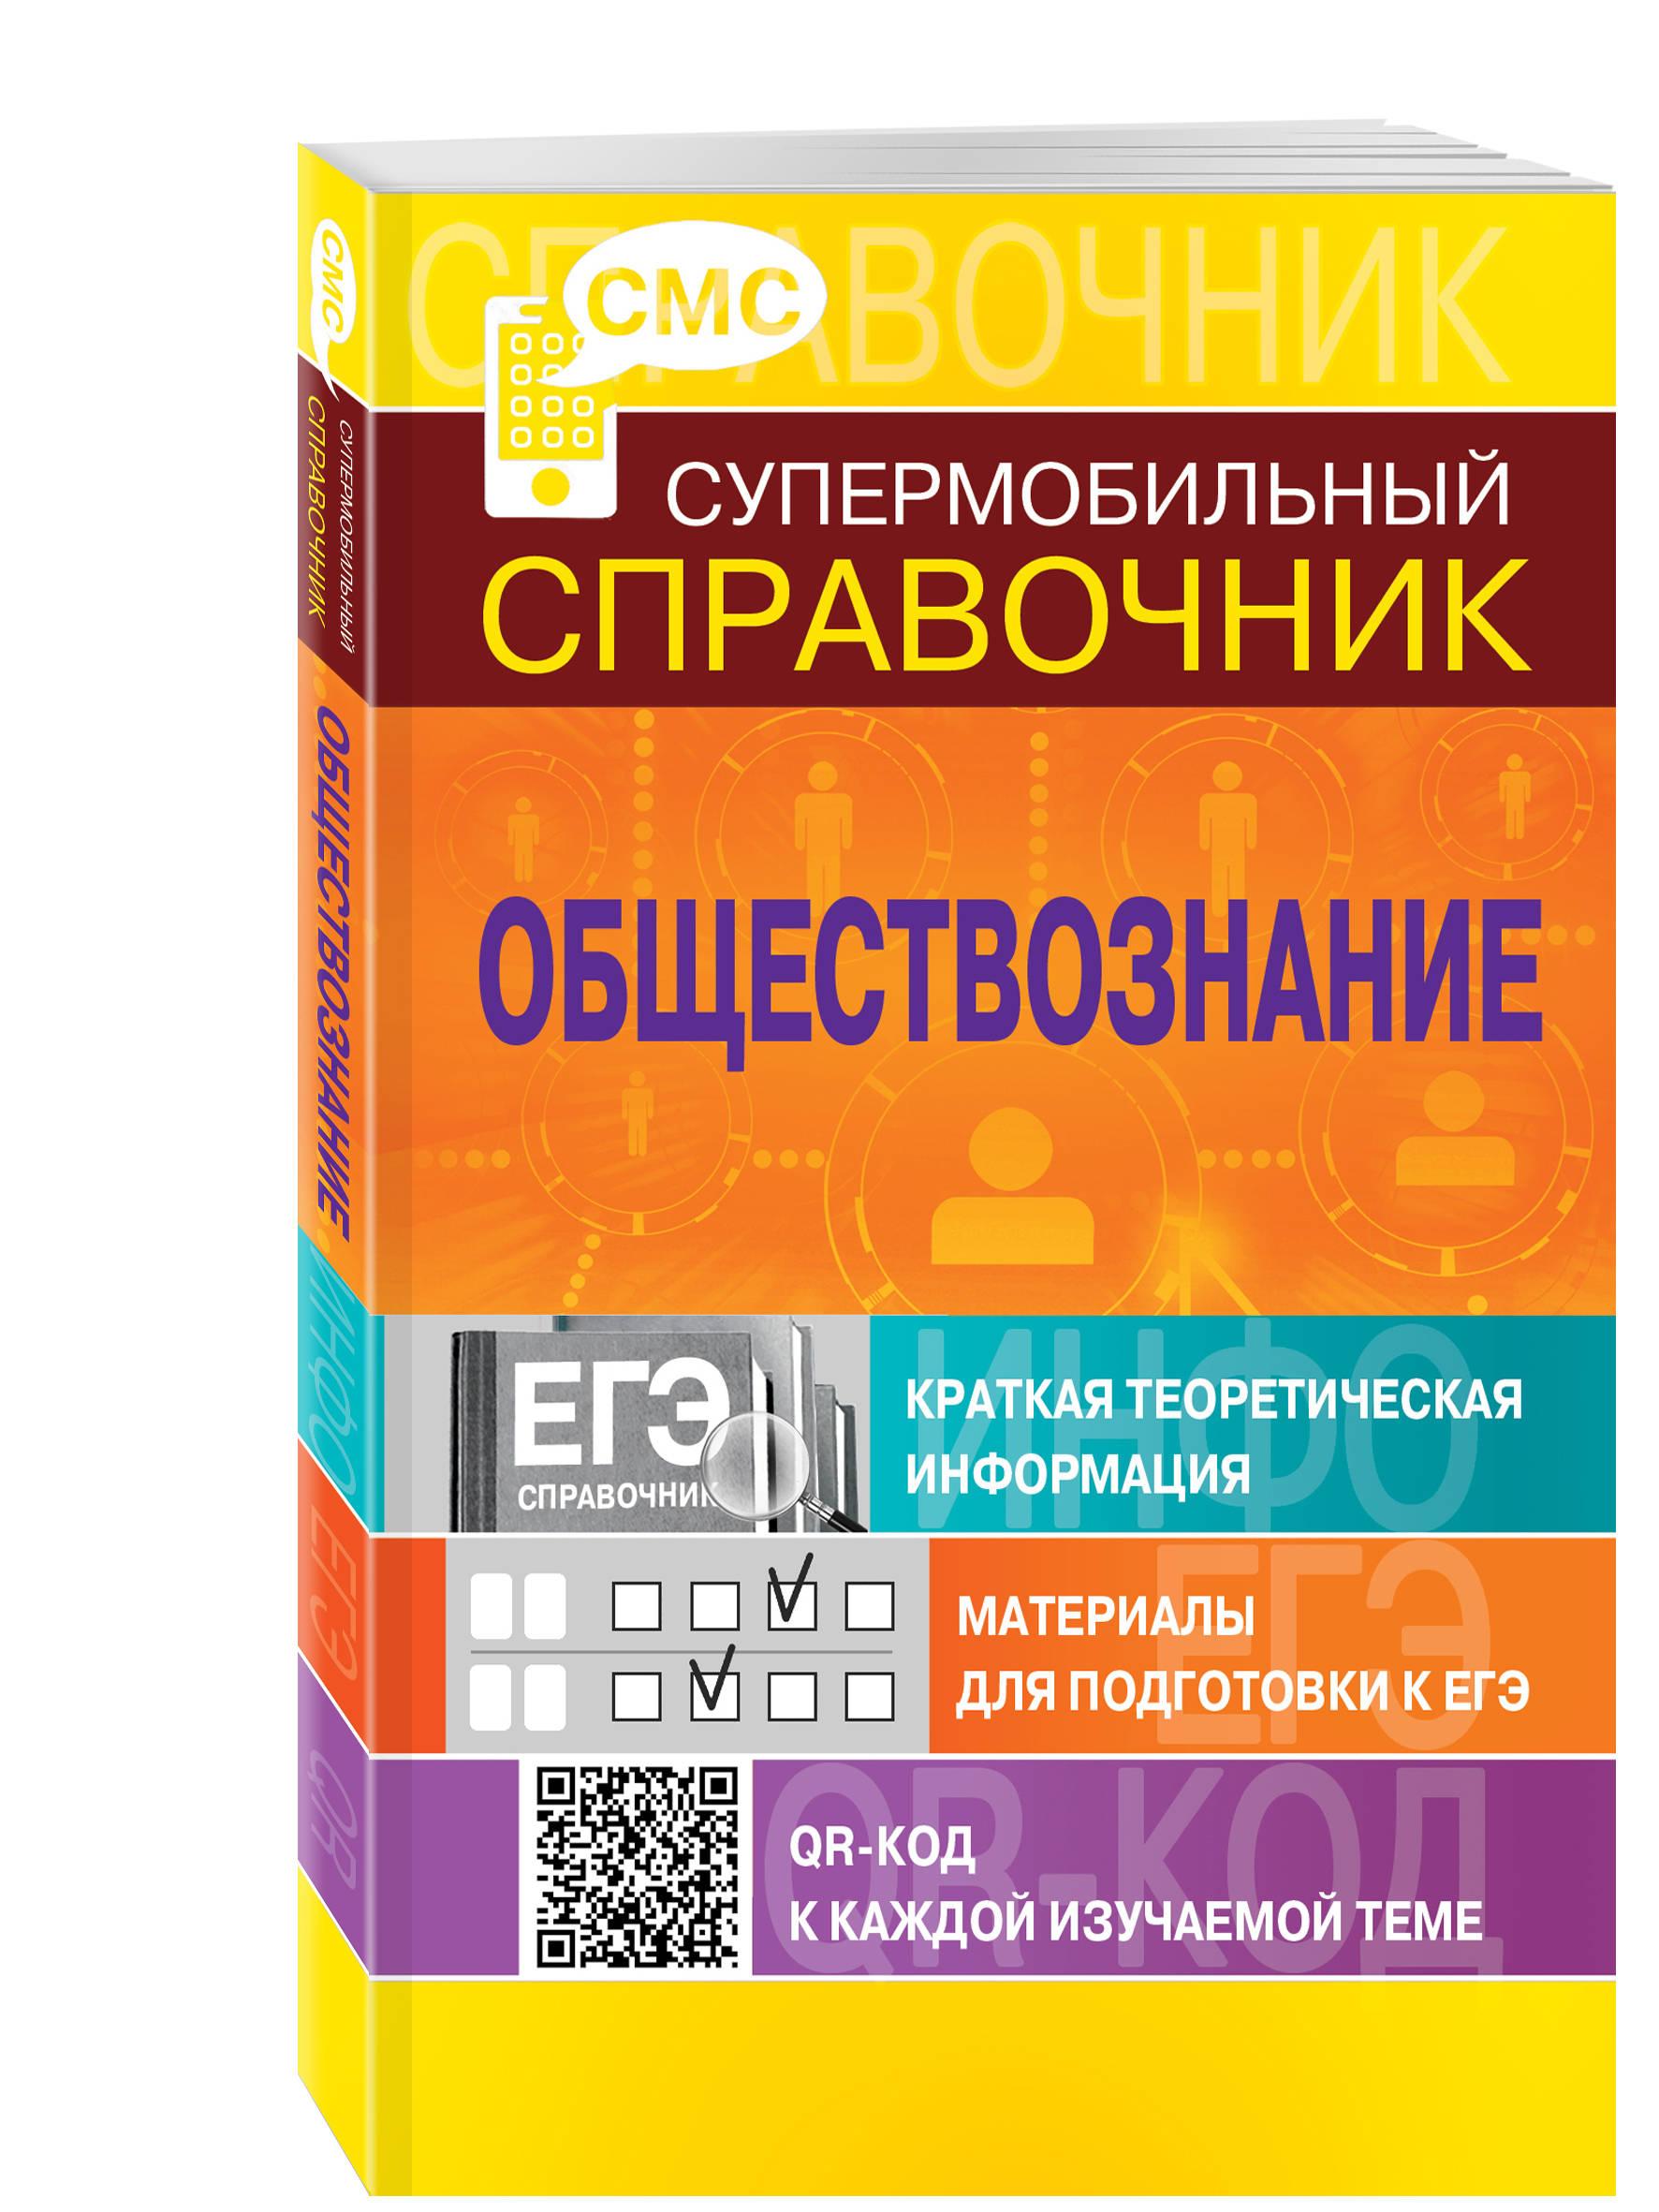 Обществознание (СМС) от book24.ru